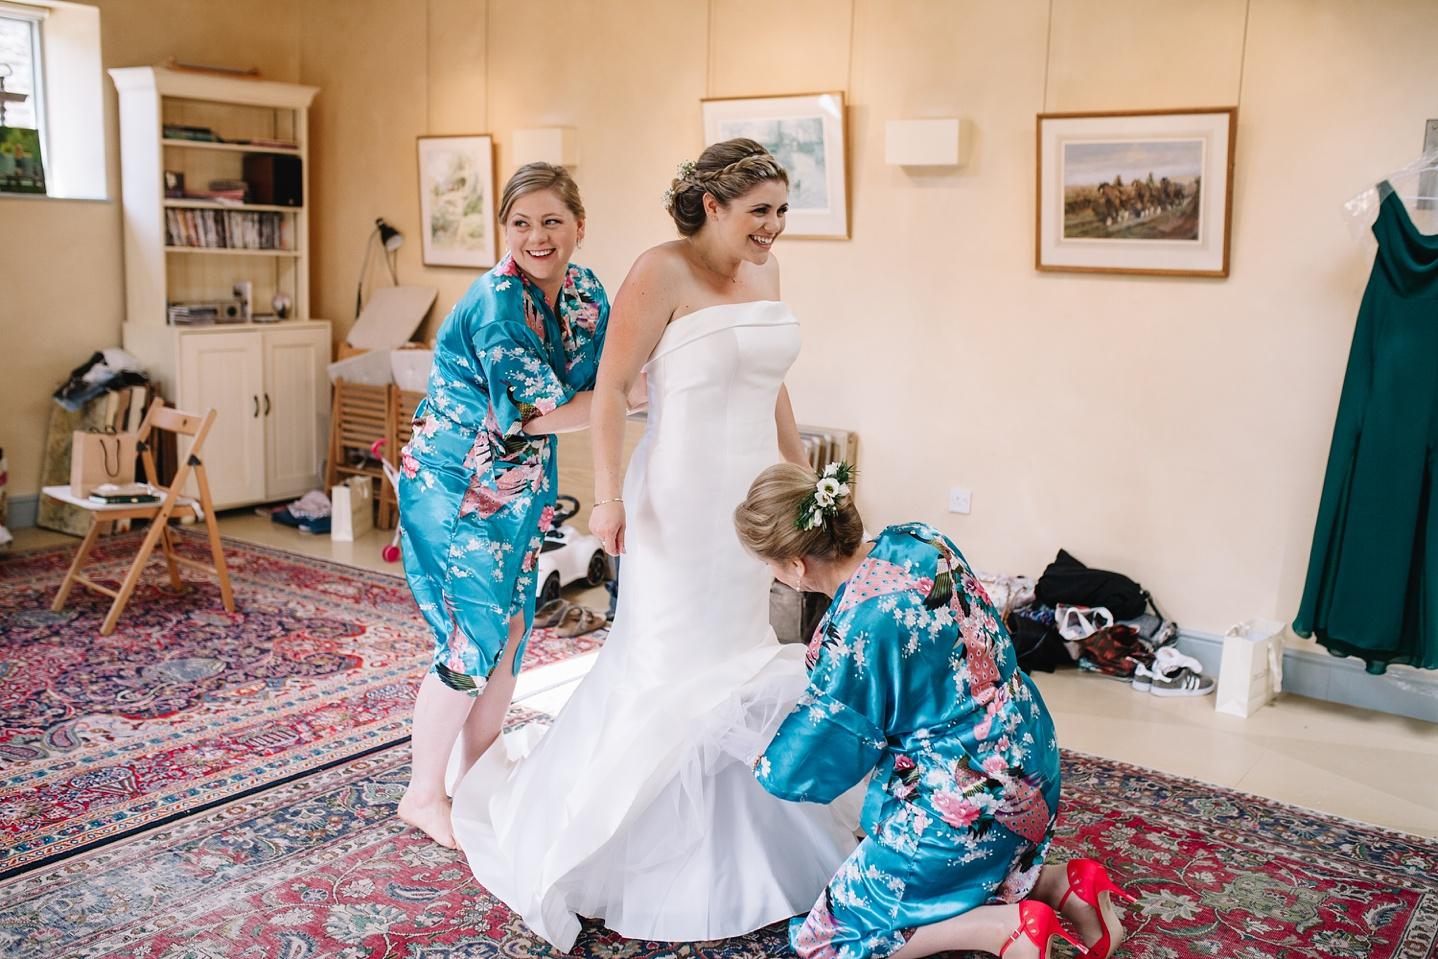 Oxleaze-Barn-Wedding-Photographer_0015.jpg